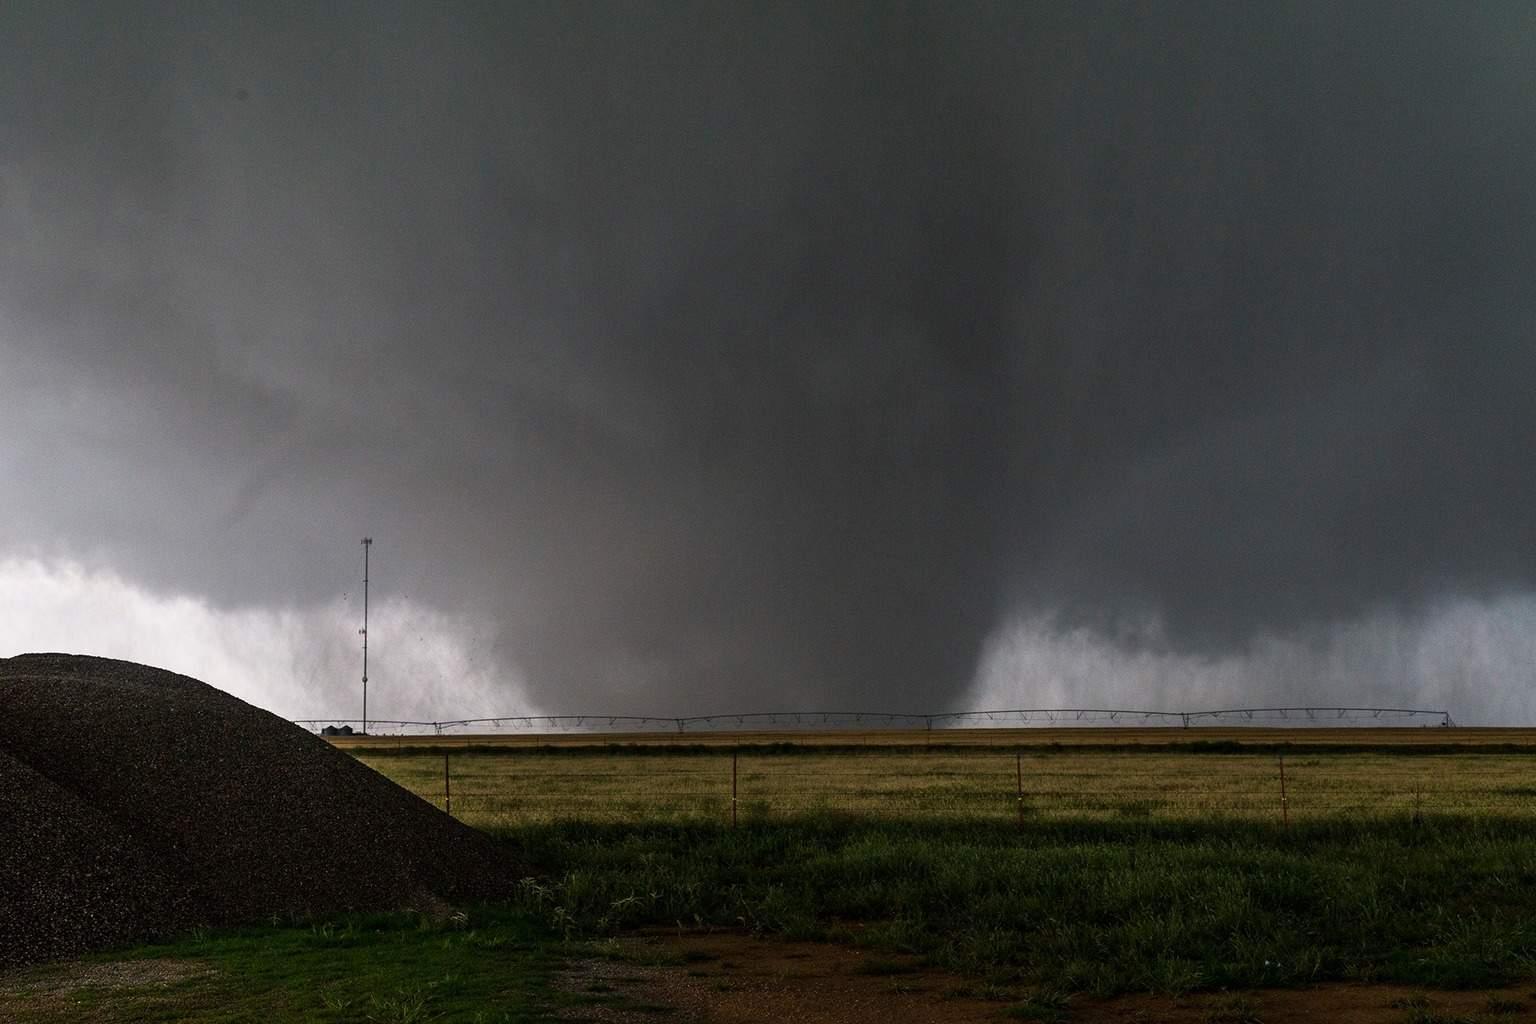 Large wedge tornado just south of Elmer, OK on Saturday. My best tornado shot so far!